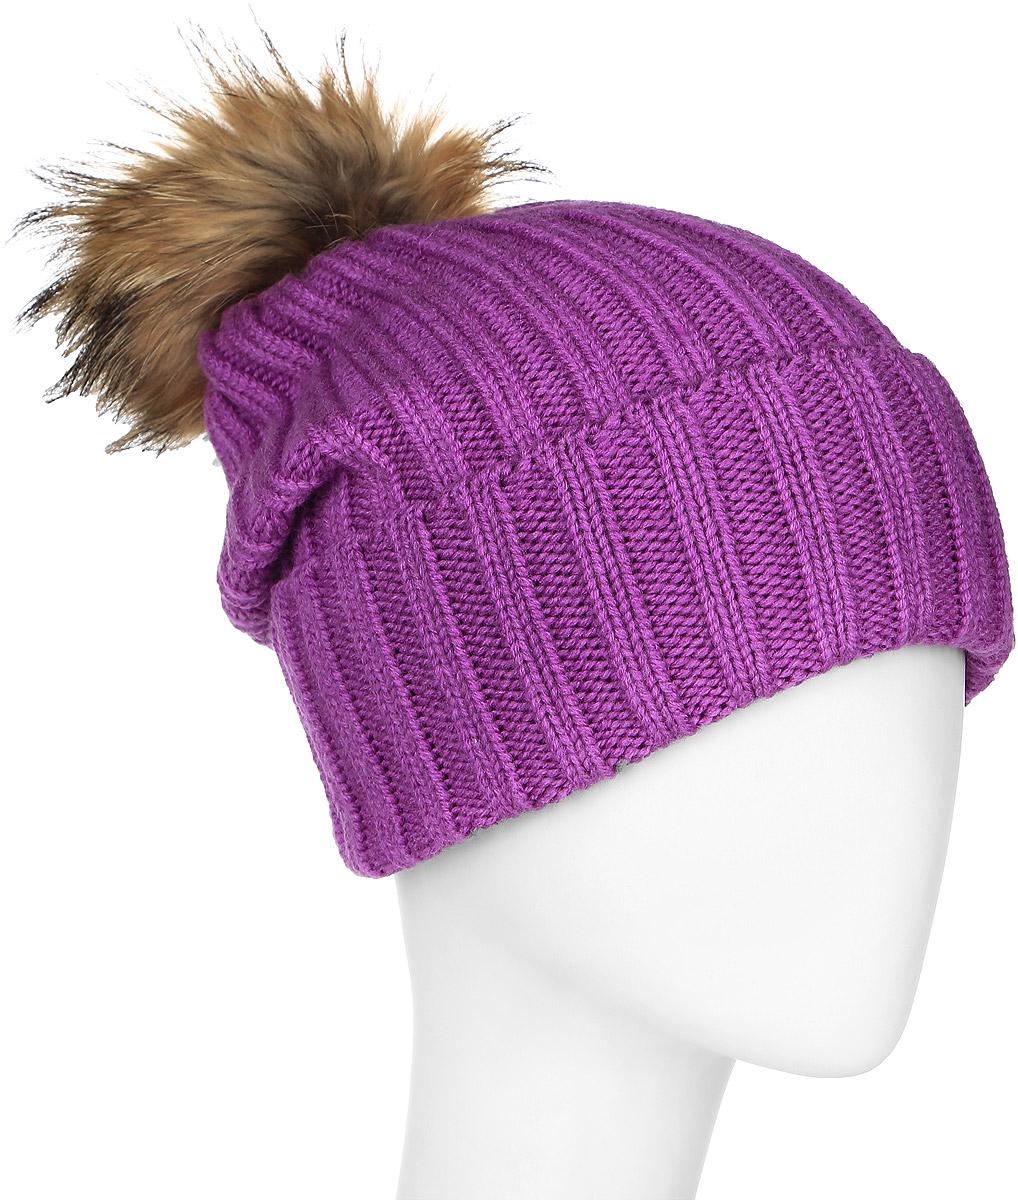 Шапка женская Marhatter, цвет: светло-фиолетовый. MLH6190. Размер 56/58MLH6190Теплая женская шапка Marhatter отлично дополнит ваш образ в холодную погоду. Сочетание шерсти и акрила максимально сохраняет тепло и обеспечивает удобную посадку, невероятную легкость и мягкость.Удлиненная шапка с отворотом выполнена в лаконичном однотонном стиле и дополнена на макушке пушистым помпоном из натурального меха енота. Спереди модель дополнена небольшой металлической пластиной с изображением снежинки. Незаменимая вещь на прохладную погоду. Модель составит идеальный комплект с модной верхней одеждой, в ней вам будет уютно и тепло.Уважаемые клиенты!Размер, доступный для заказа, является обхватом головы.